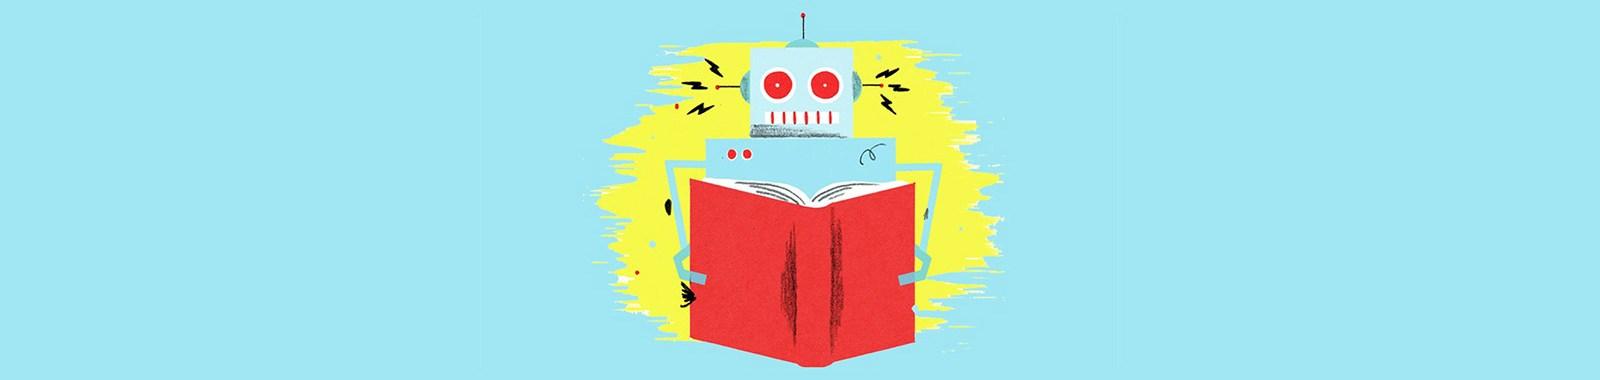 reading-robot-eye